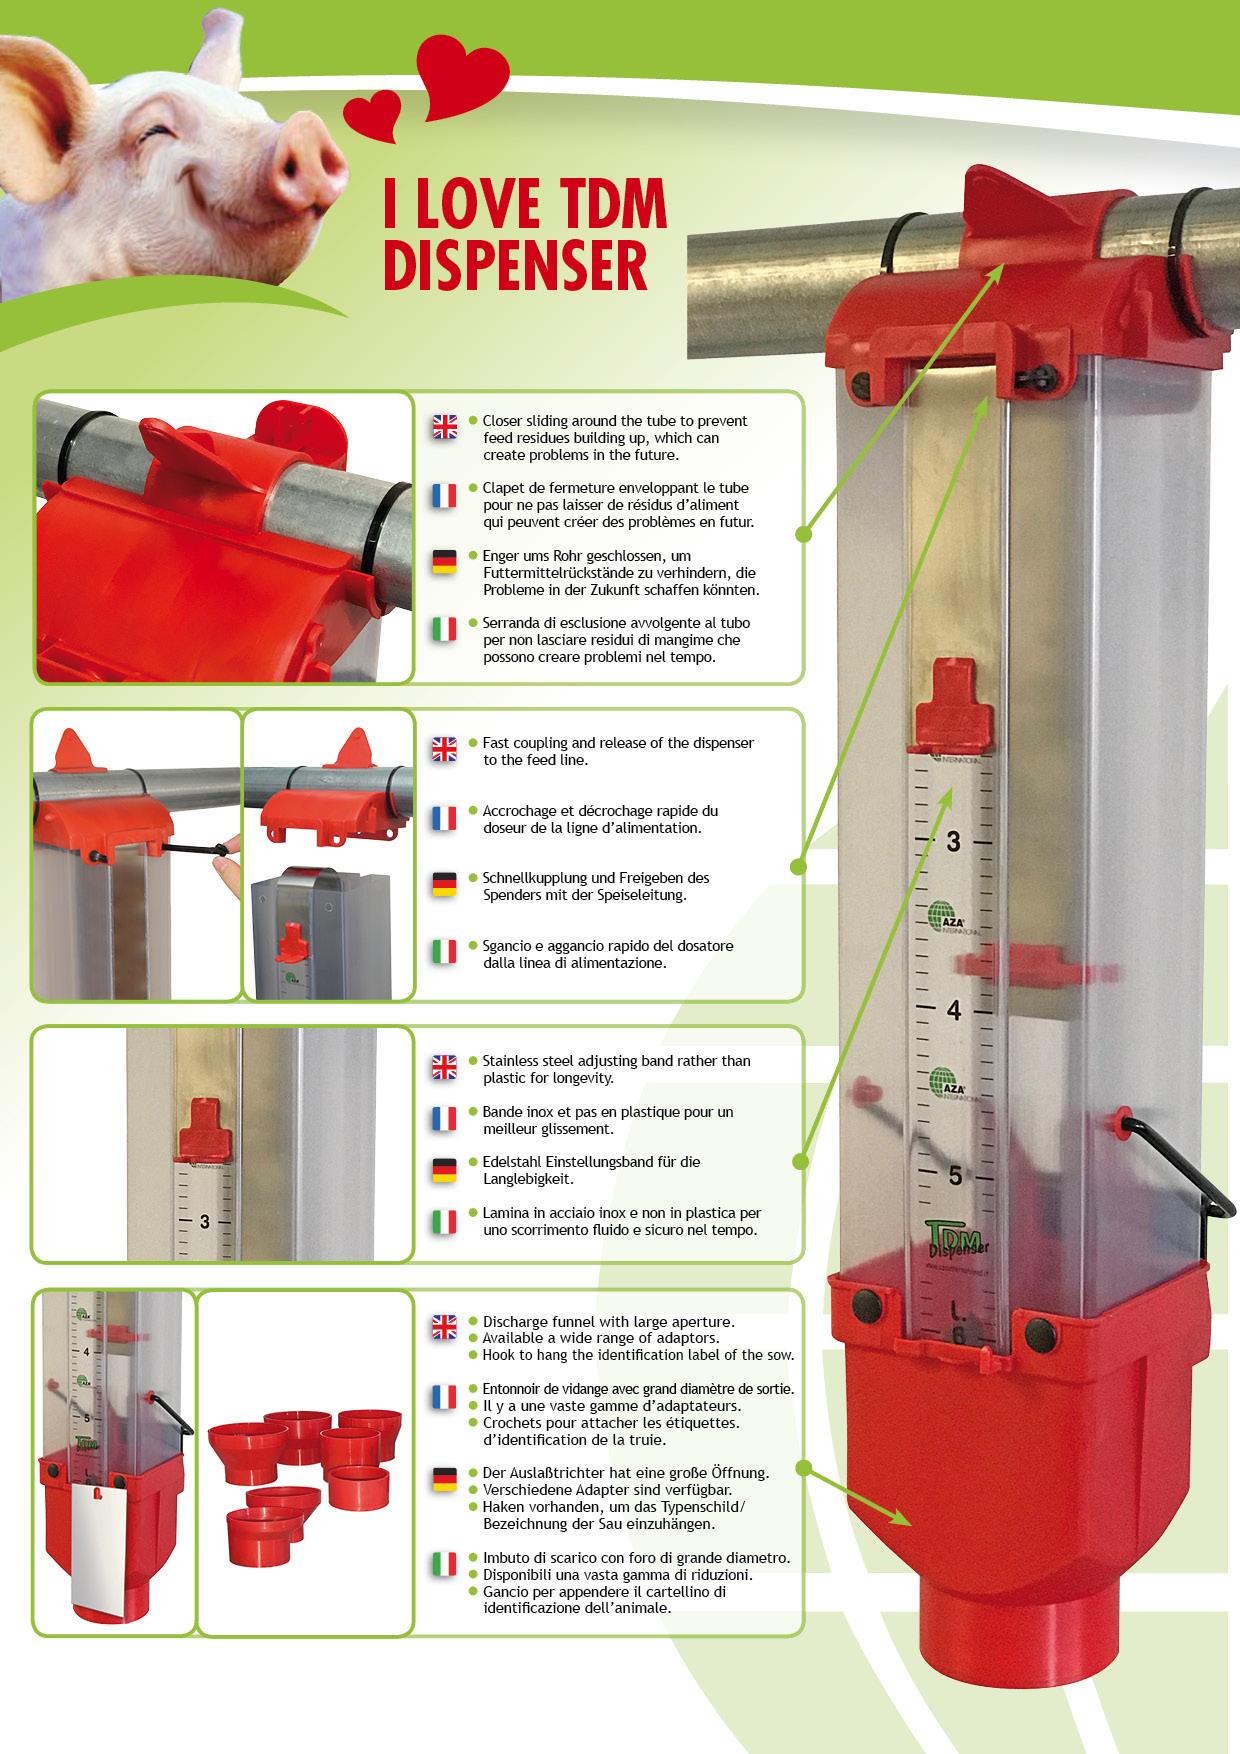 tdm dispenser